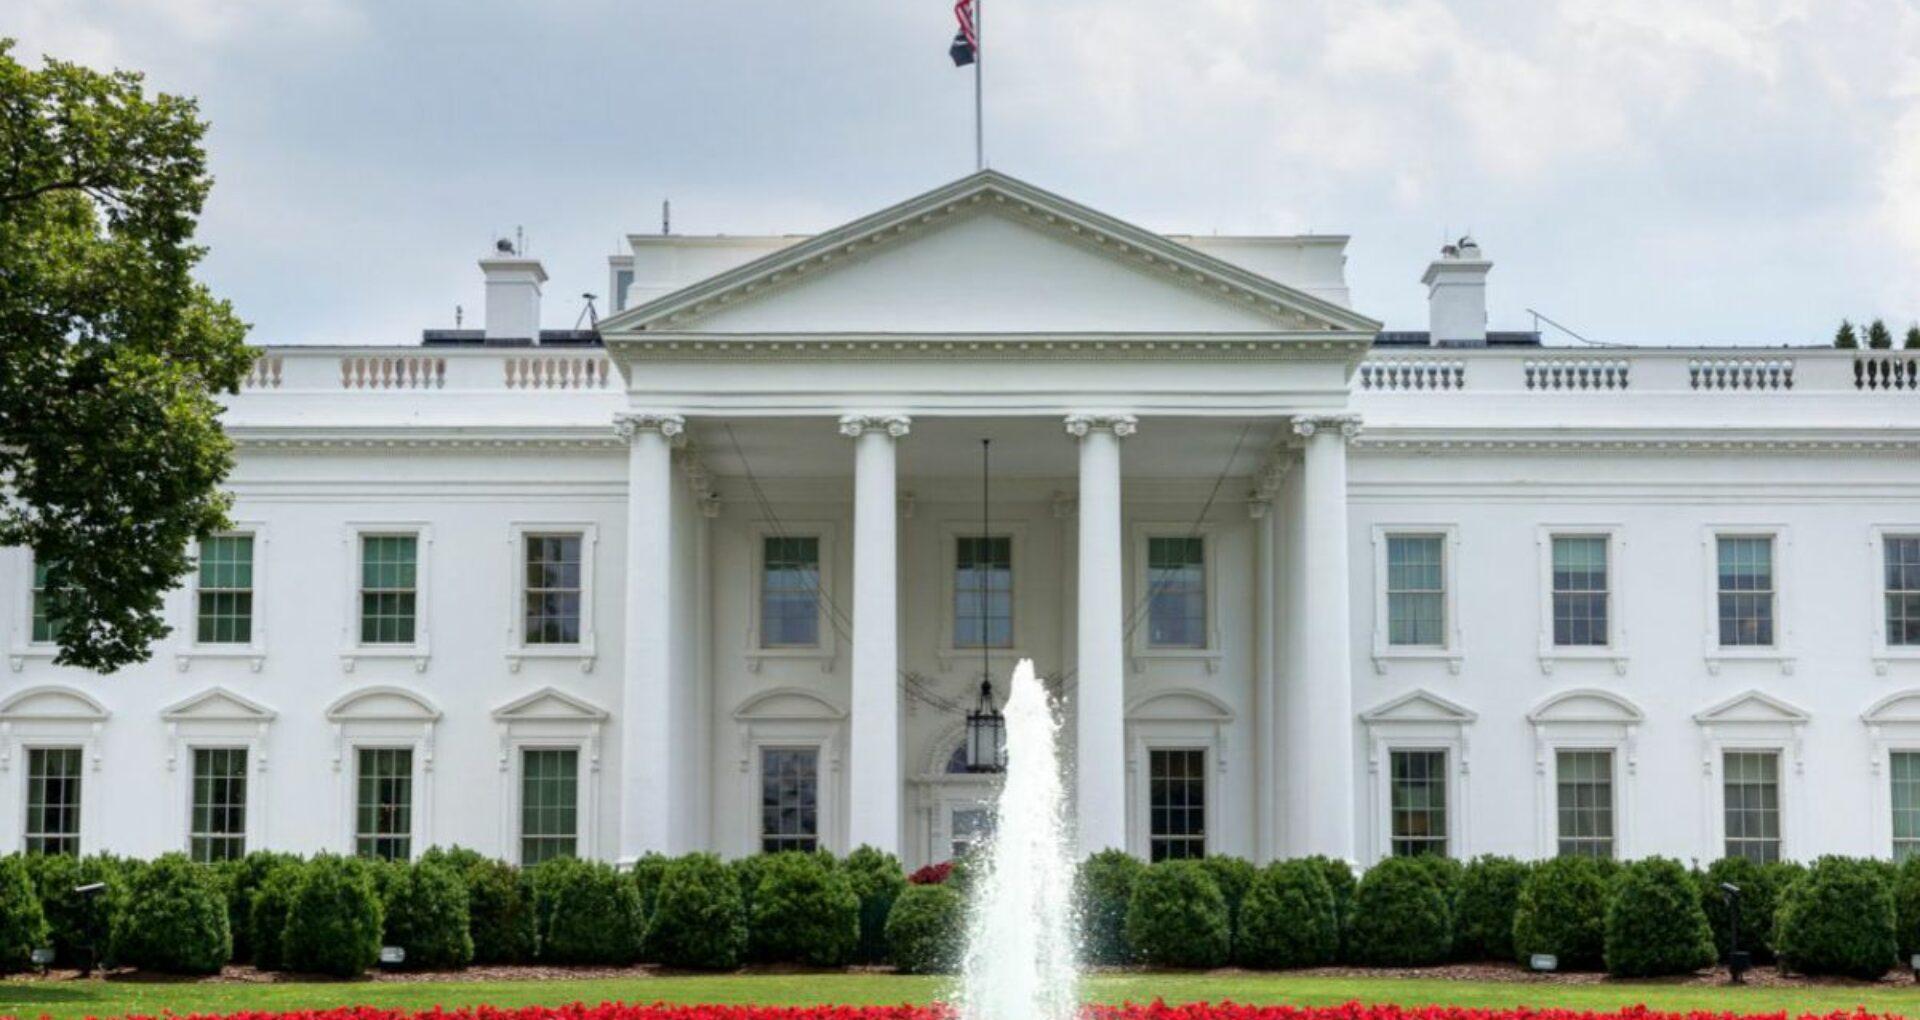 Şeful personalului Casei Albe: Alegerile prezidenţiale din SUA vor avea loc la termen, pe 3 noiembrie